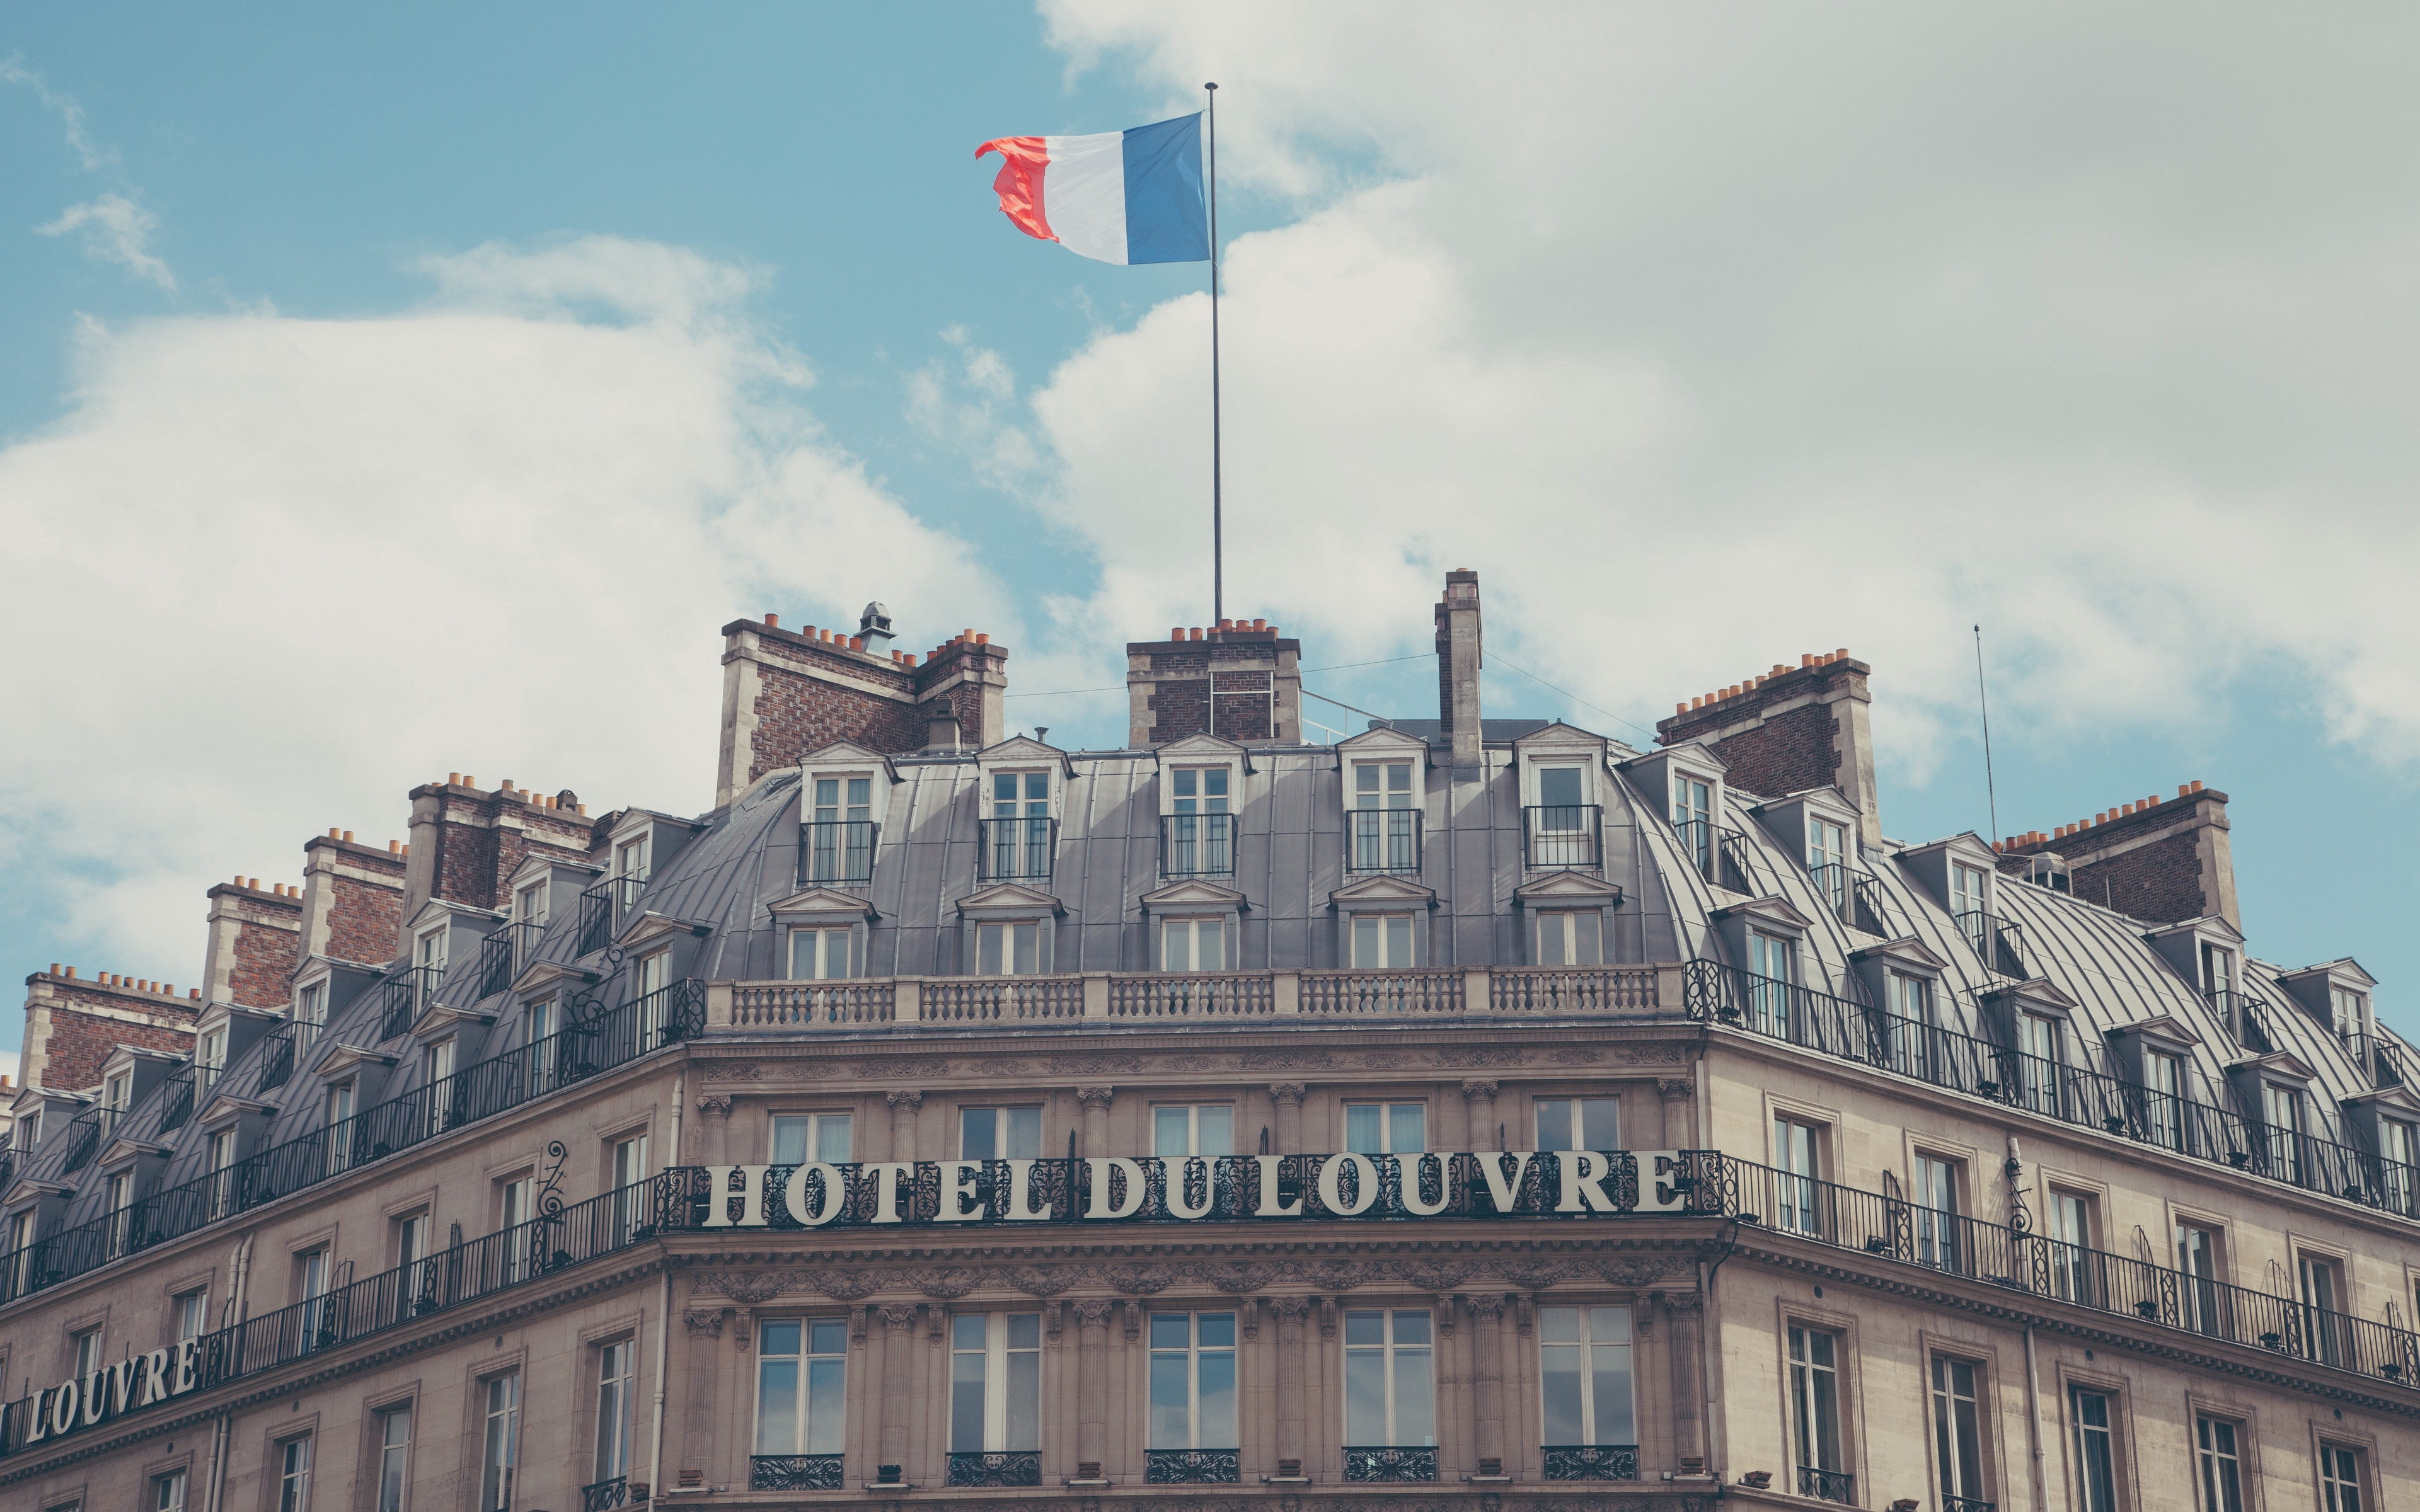 Download wallpaper 3840x2400 paris france hotel hotel du louvre 3840x2400